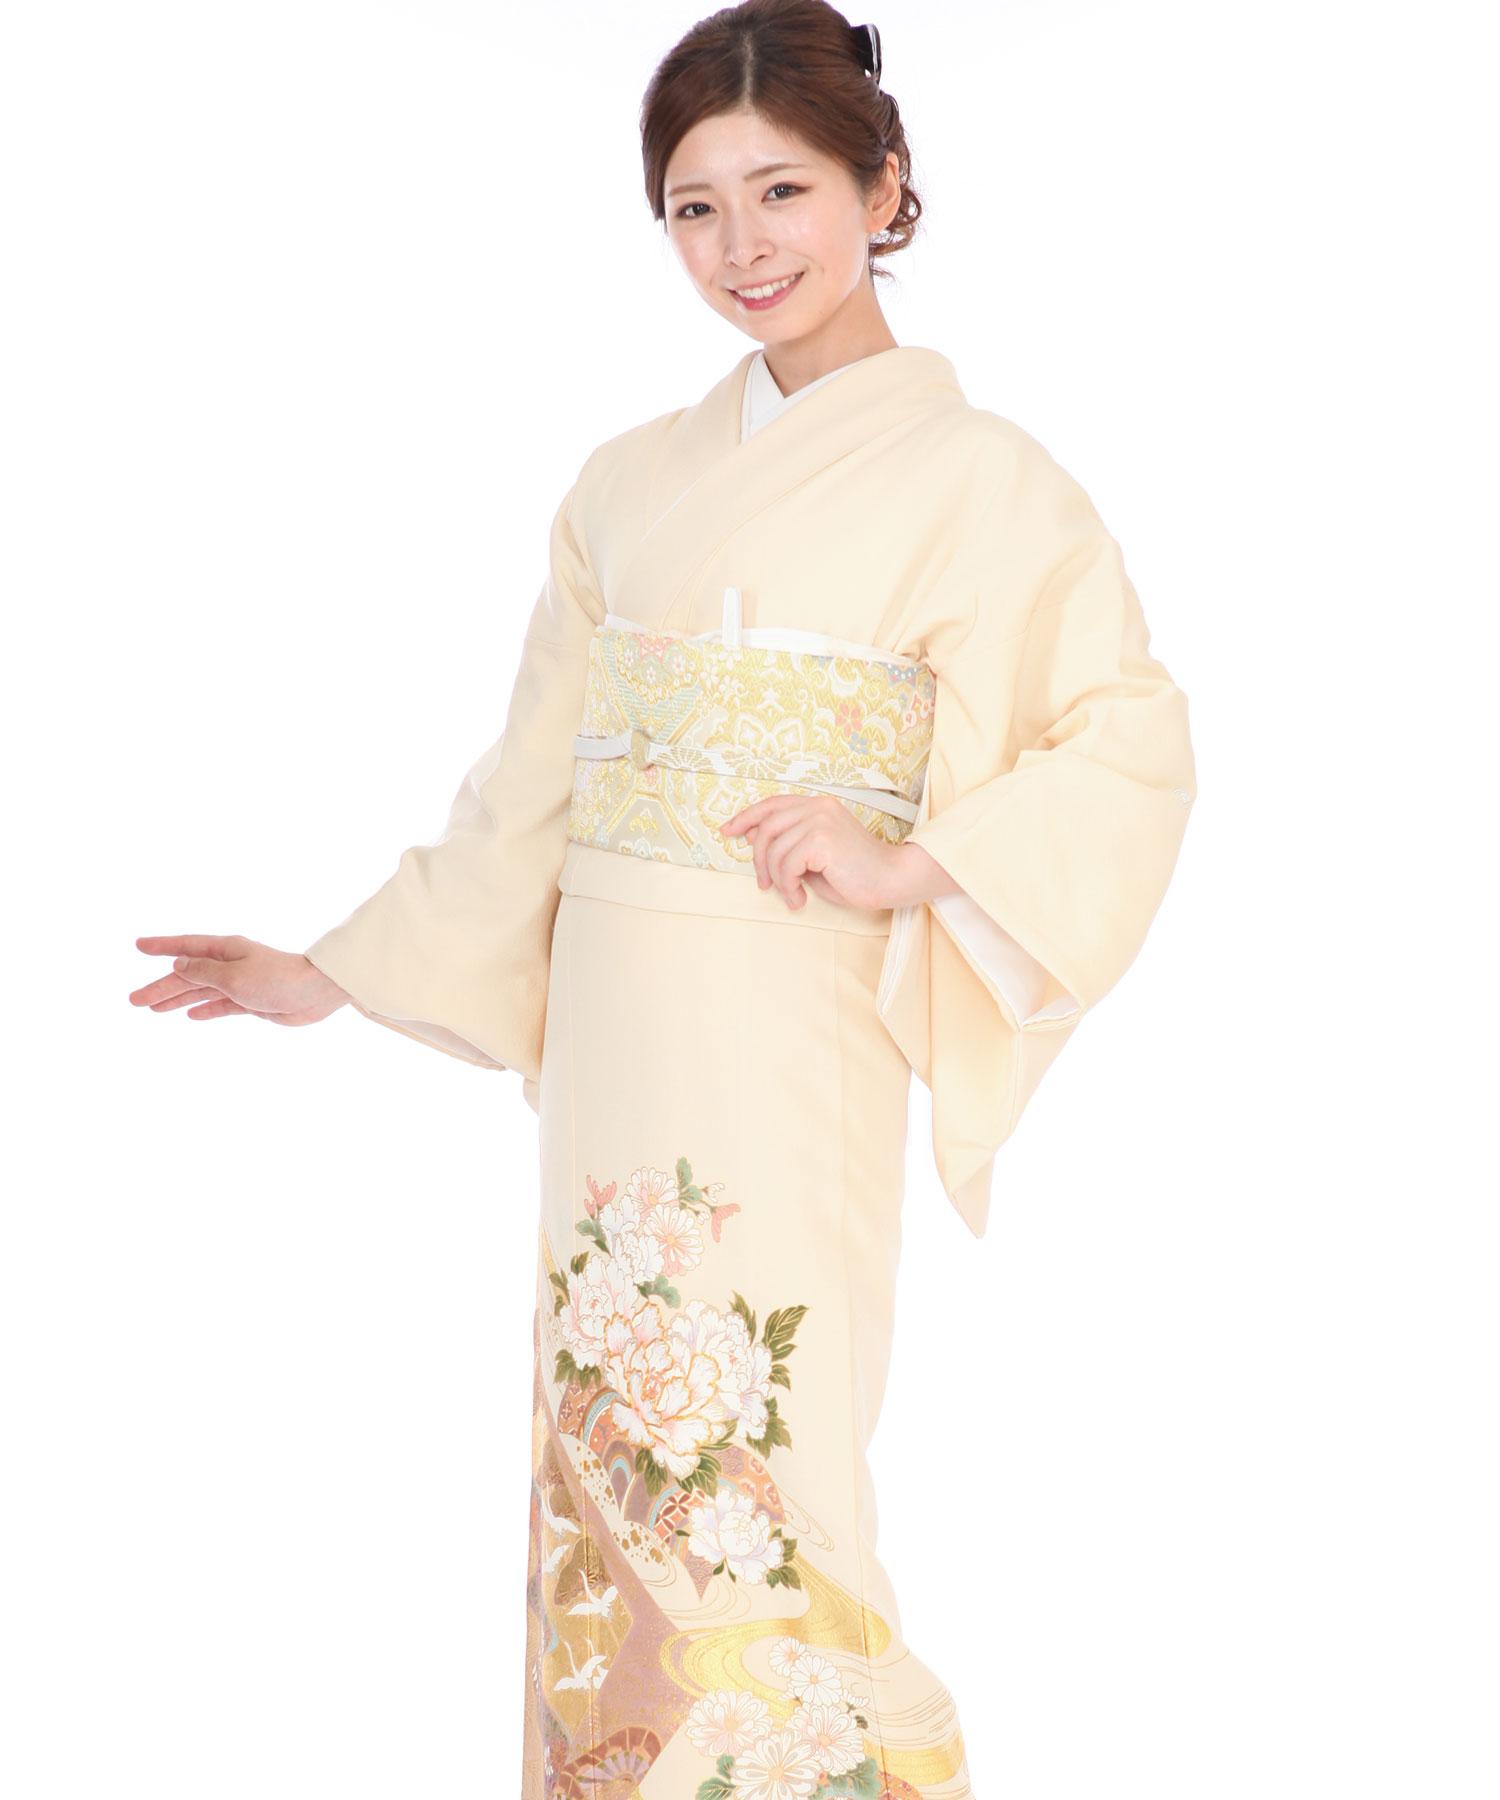 色留袖レンタル|桂由美 クリーム地に牡丹や菊に金の波文